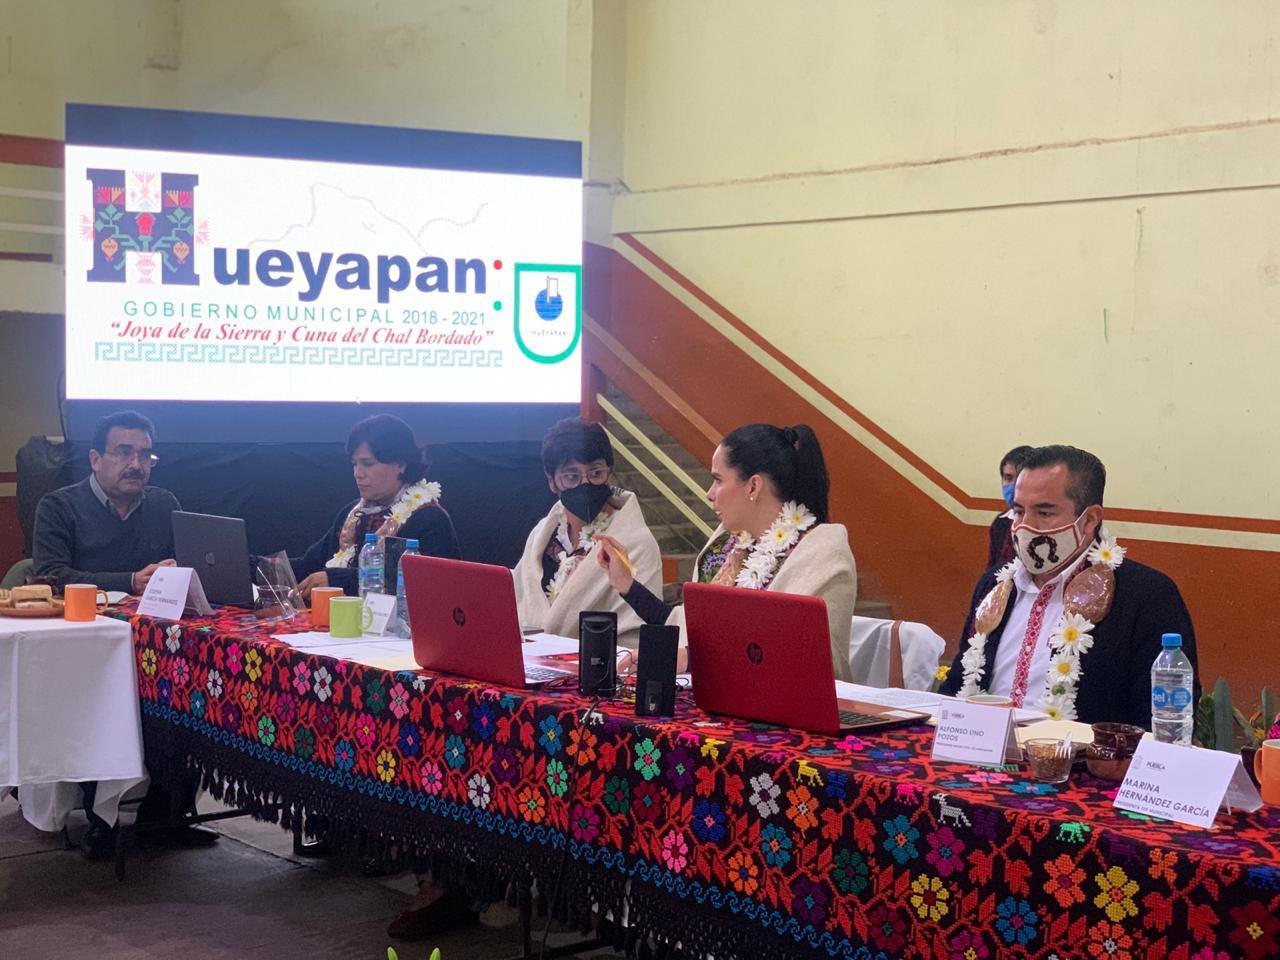 Exhorta Liliana Luna a reconocer los textiles y bordados de Hueyapan como Patrimonio Cultural Intangible